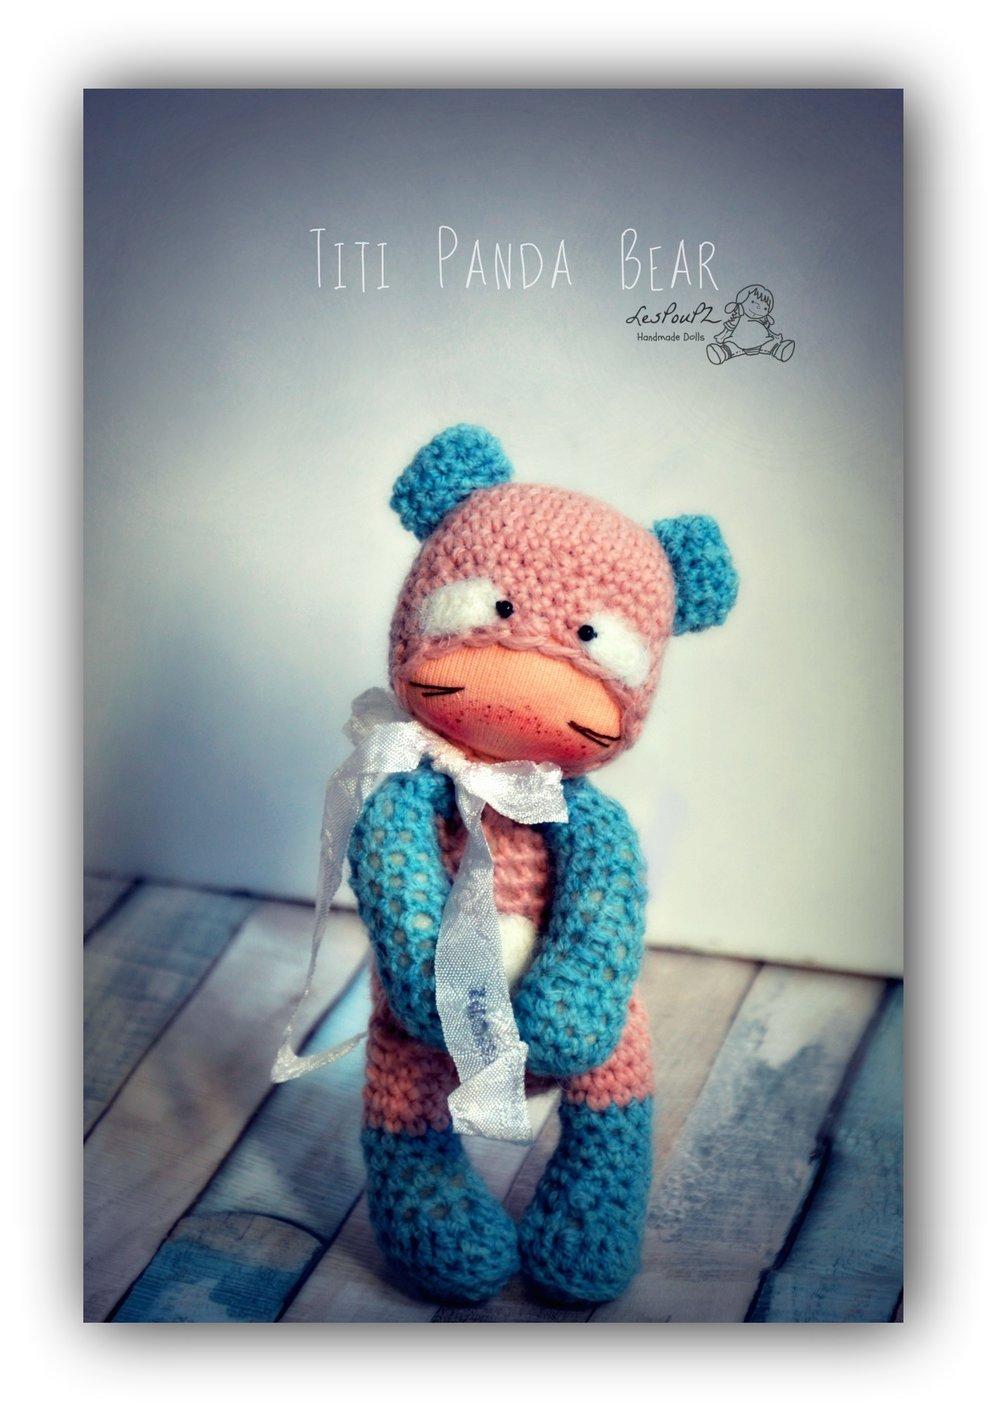 Titi Panda Bear